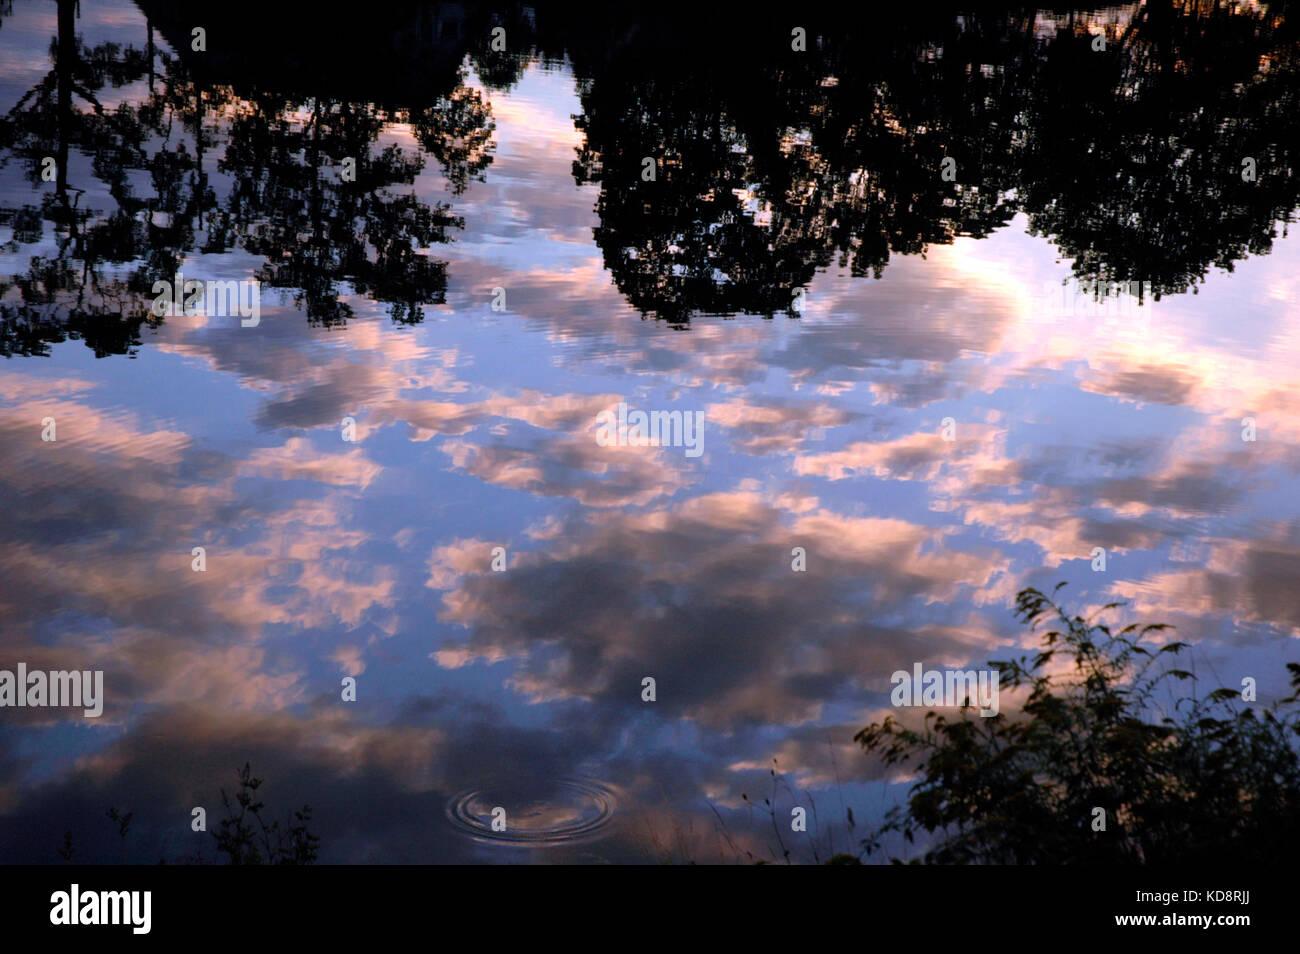 Los reflejos de las nubes en la noche del sol sobre el río Neckar, Stuttgart, Baden-Würtenberg, Alemania Foto de stock